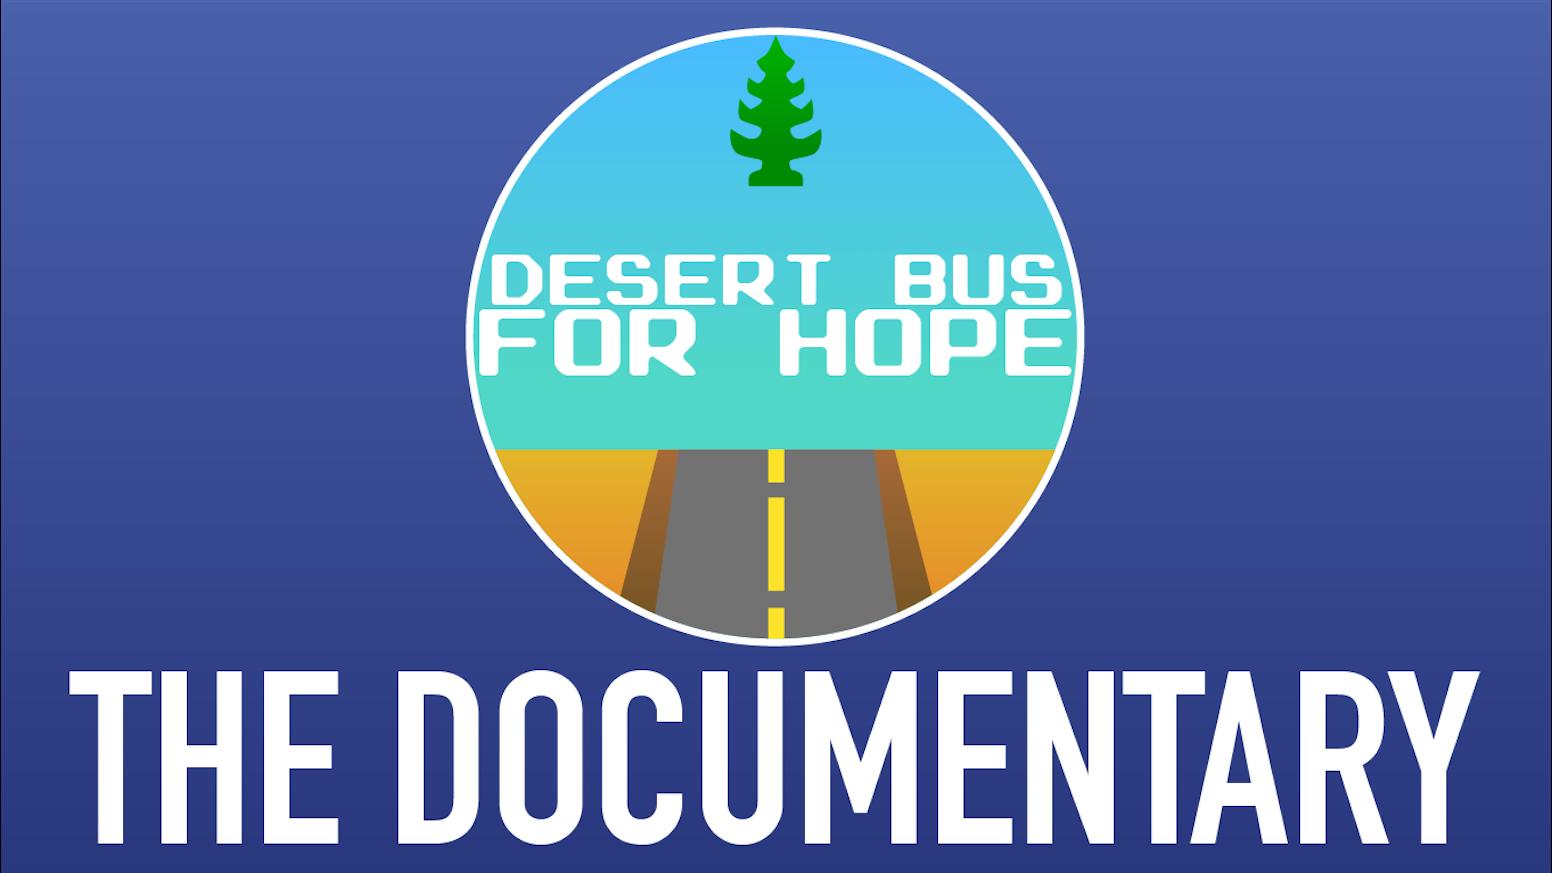 Desert Bus for Hope: The Documentary